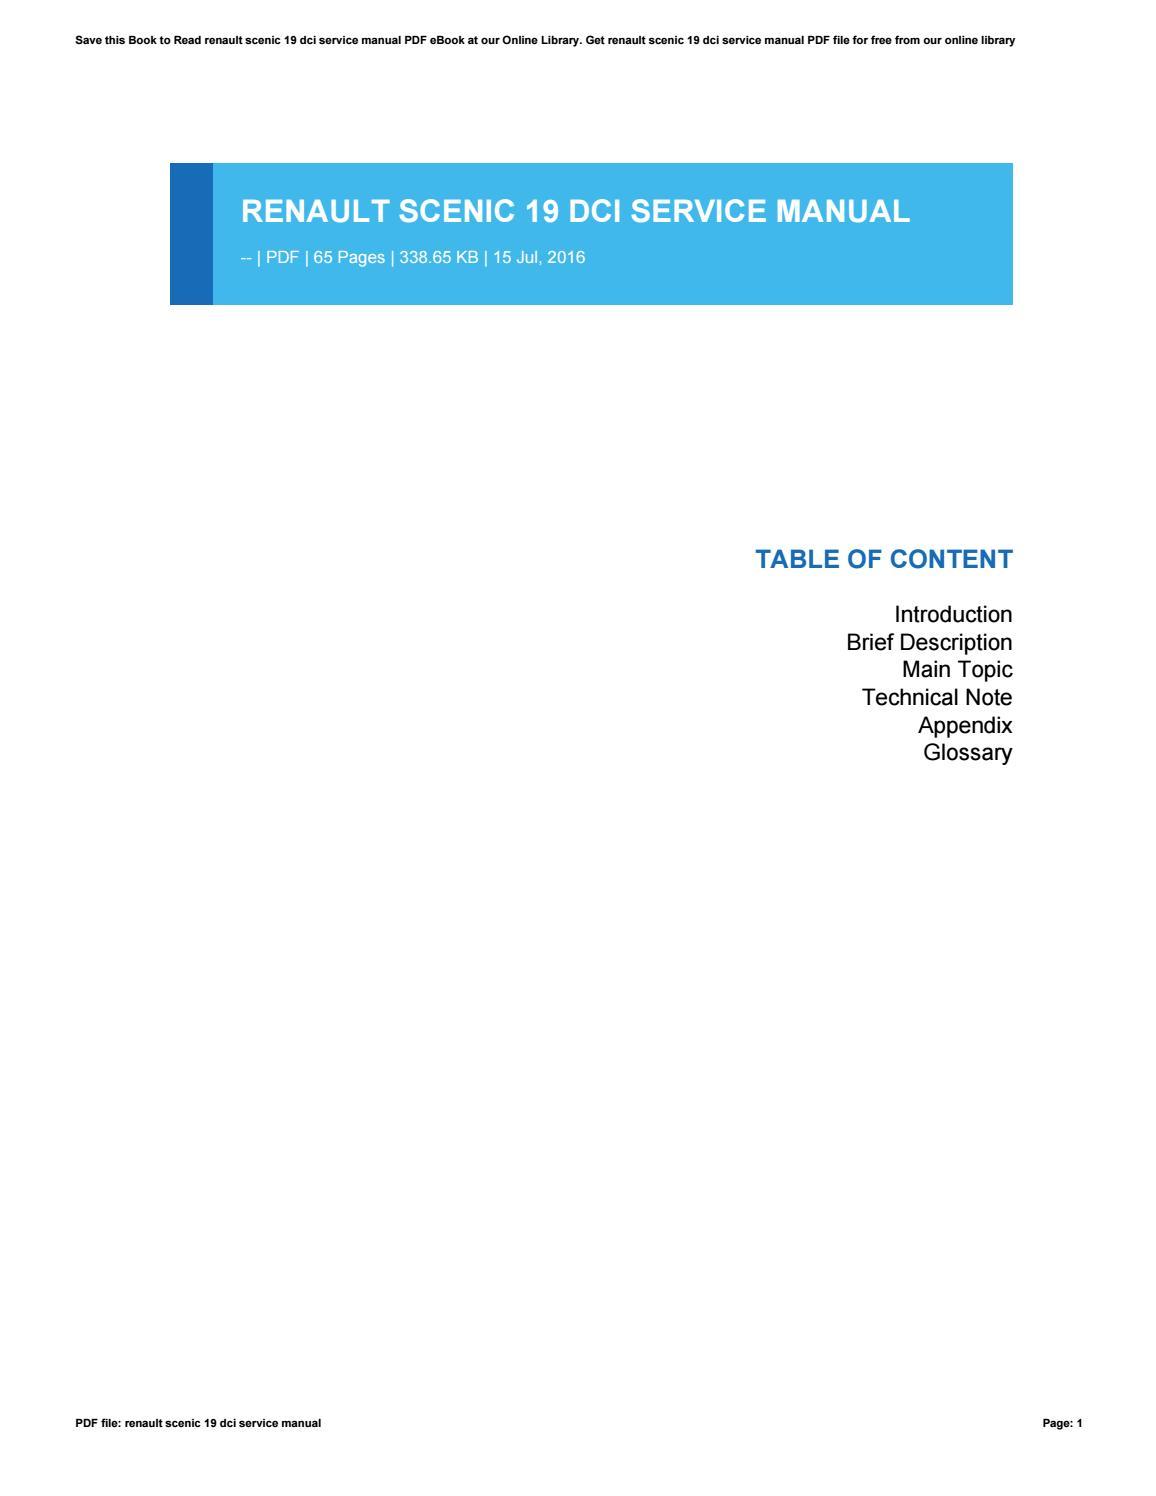 renault megane scenic manual pdf